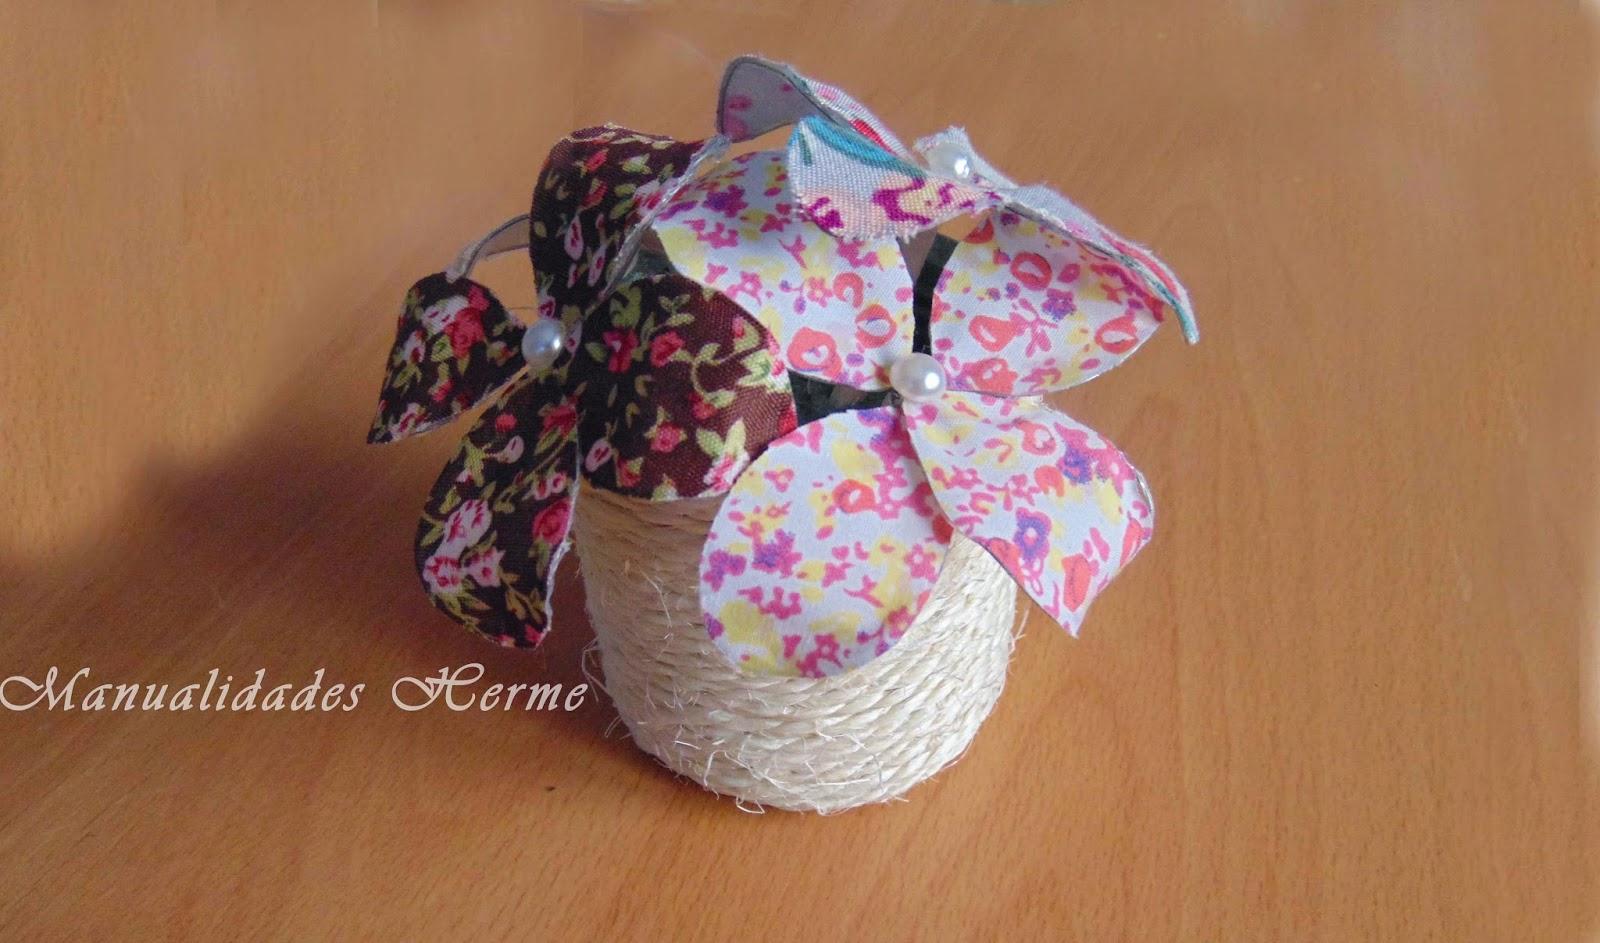 Manualidades herme diy hacer flores de tela y alambre - Como hacer manualidades con tela ...